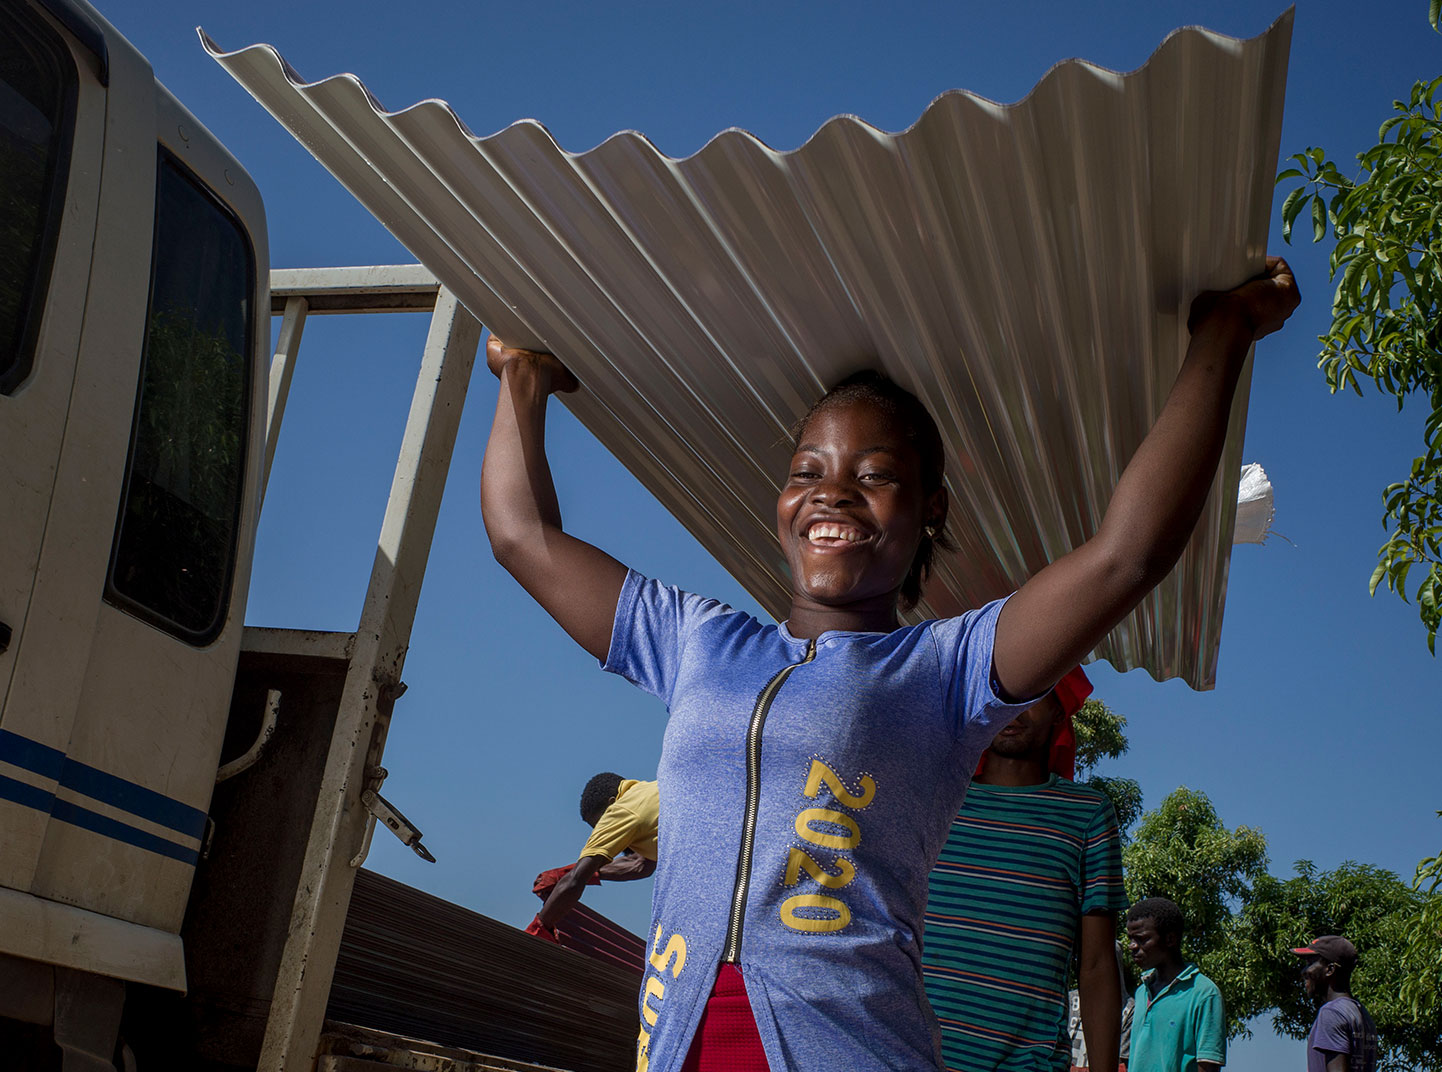 Uma mulher sorri enquanto carrega uma grande peça de metal.